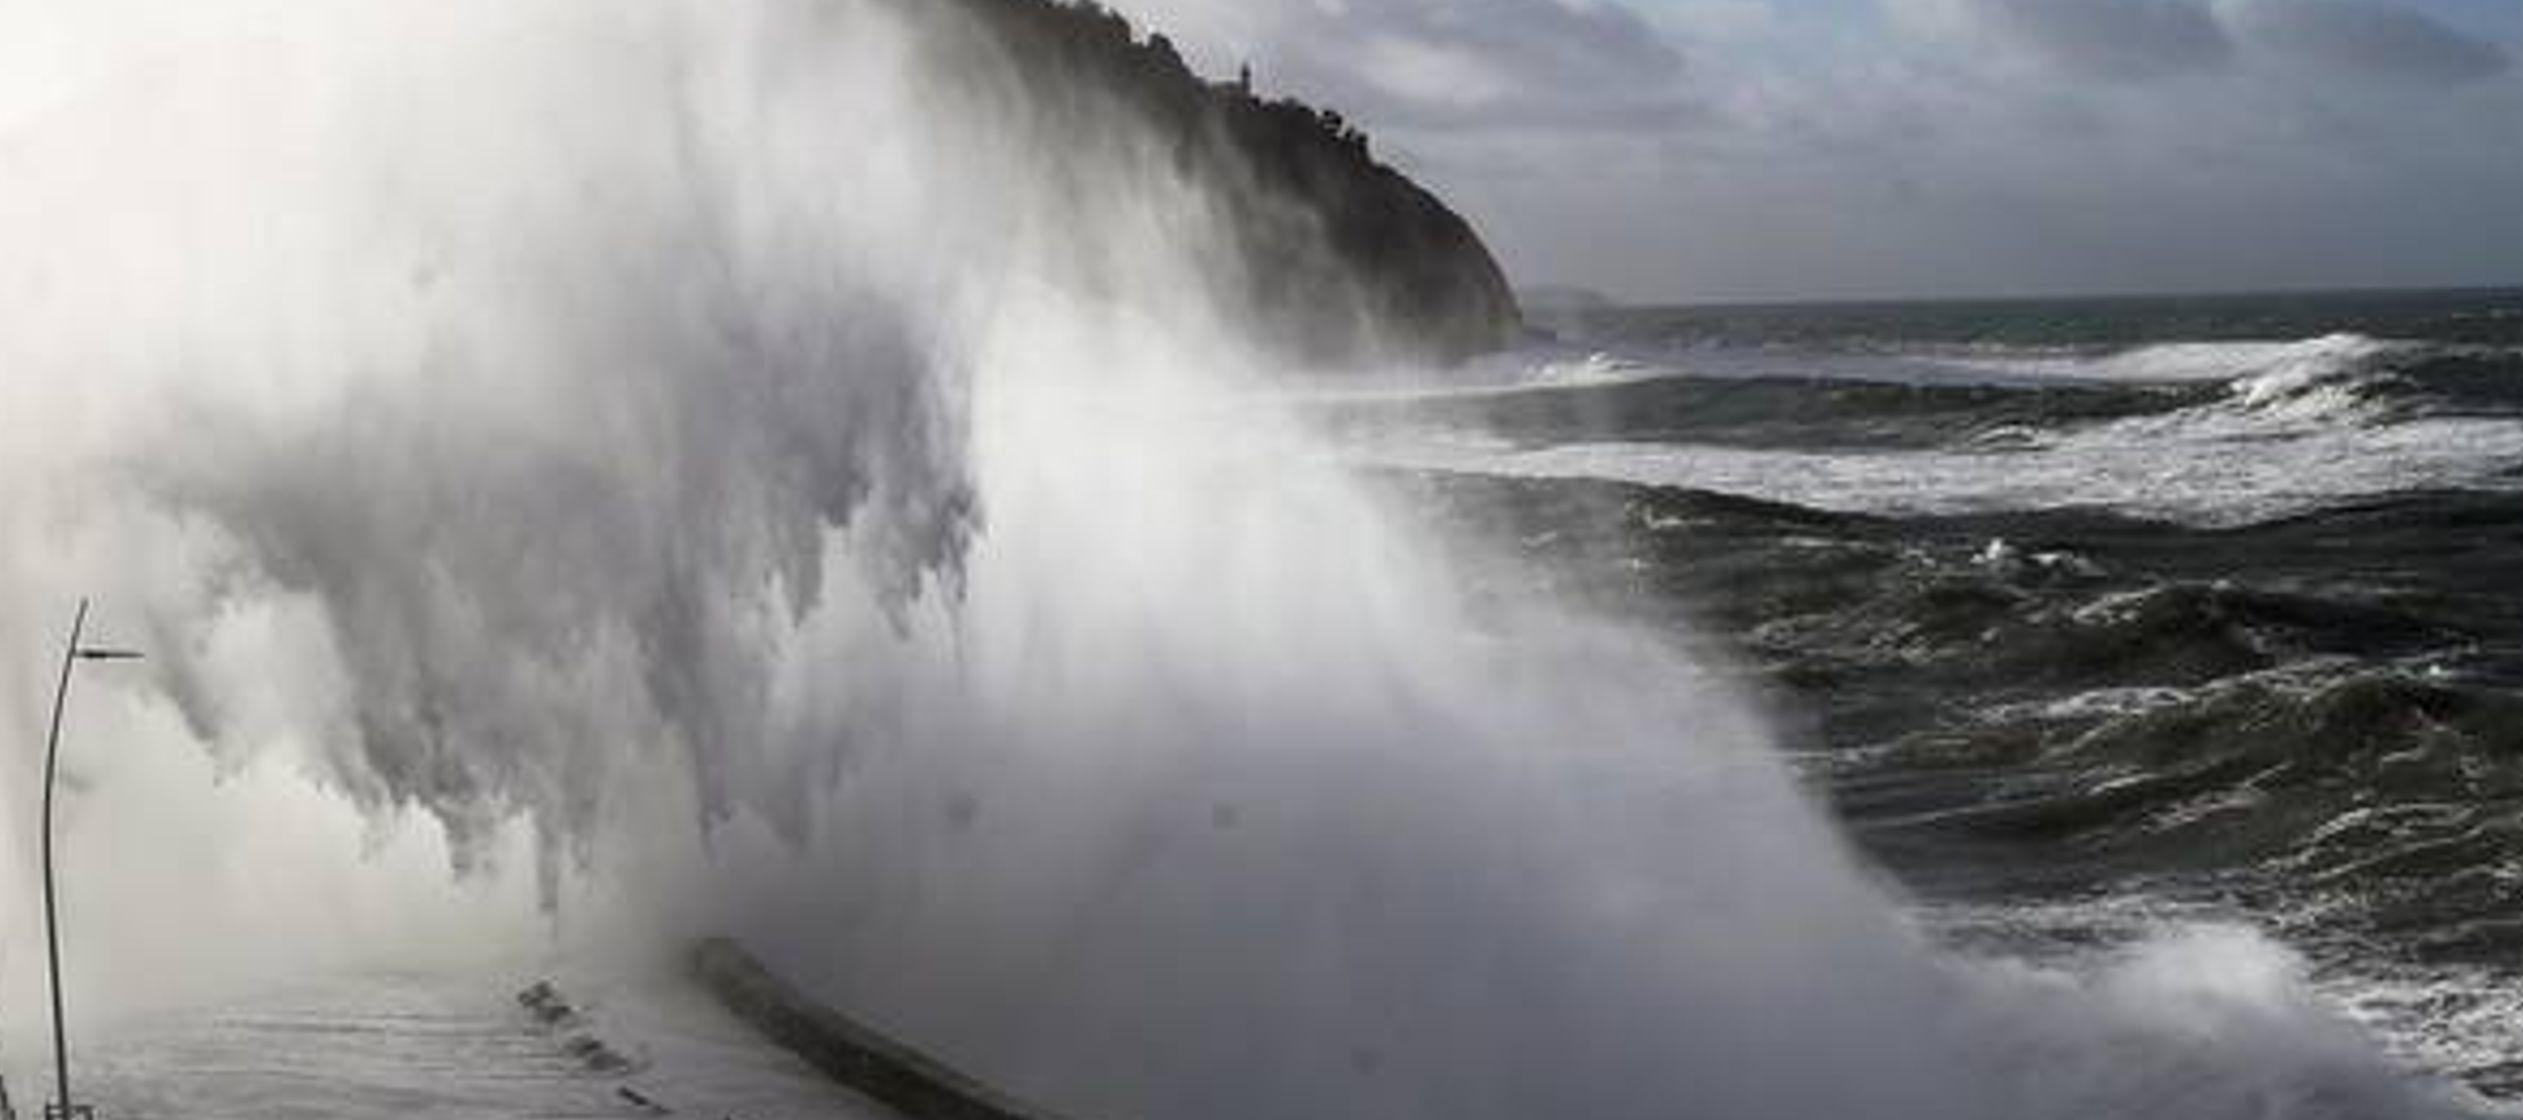 Florence se debilitó el miércoles a categoría 2, lo que le dio un respiro a...